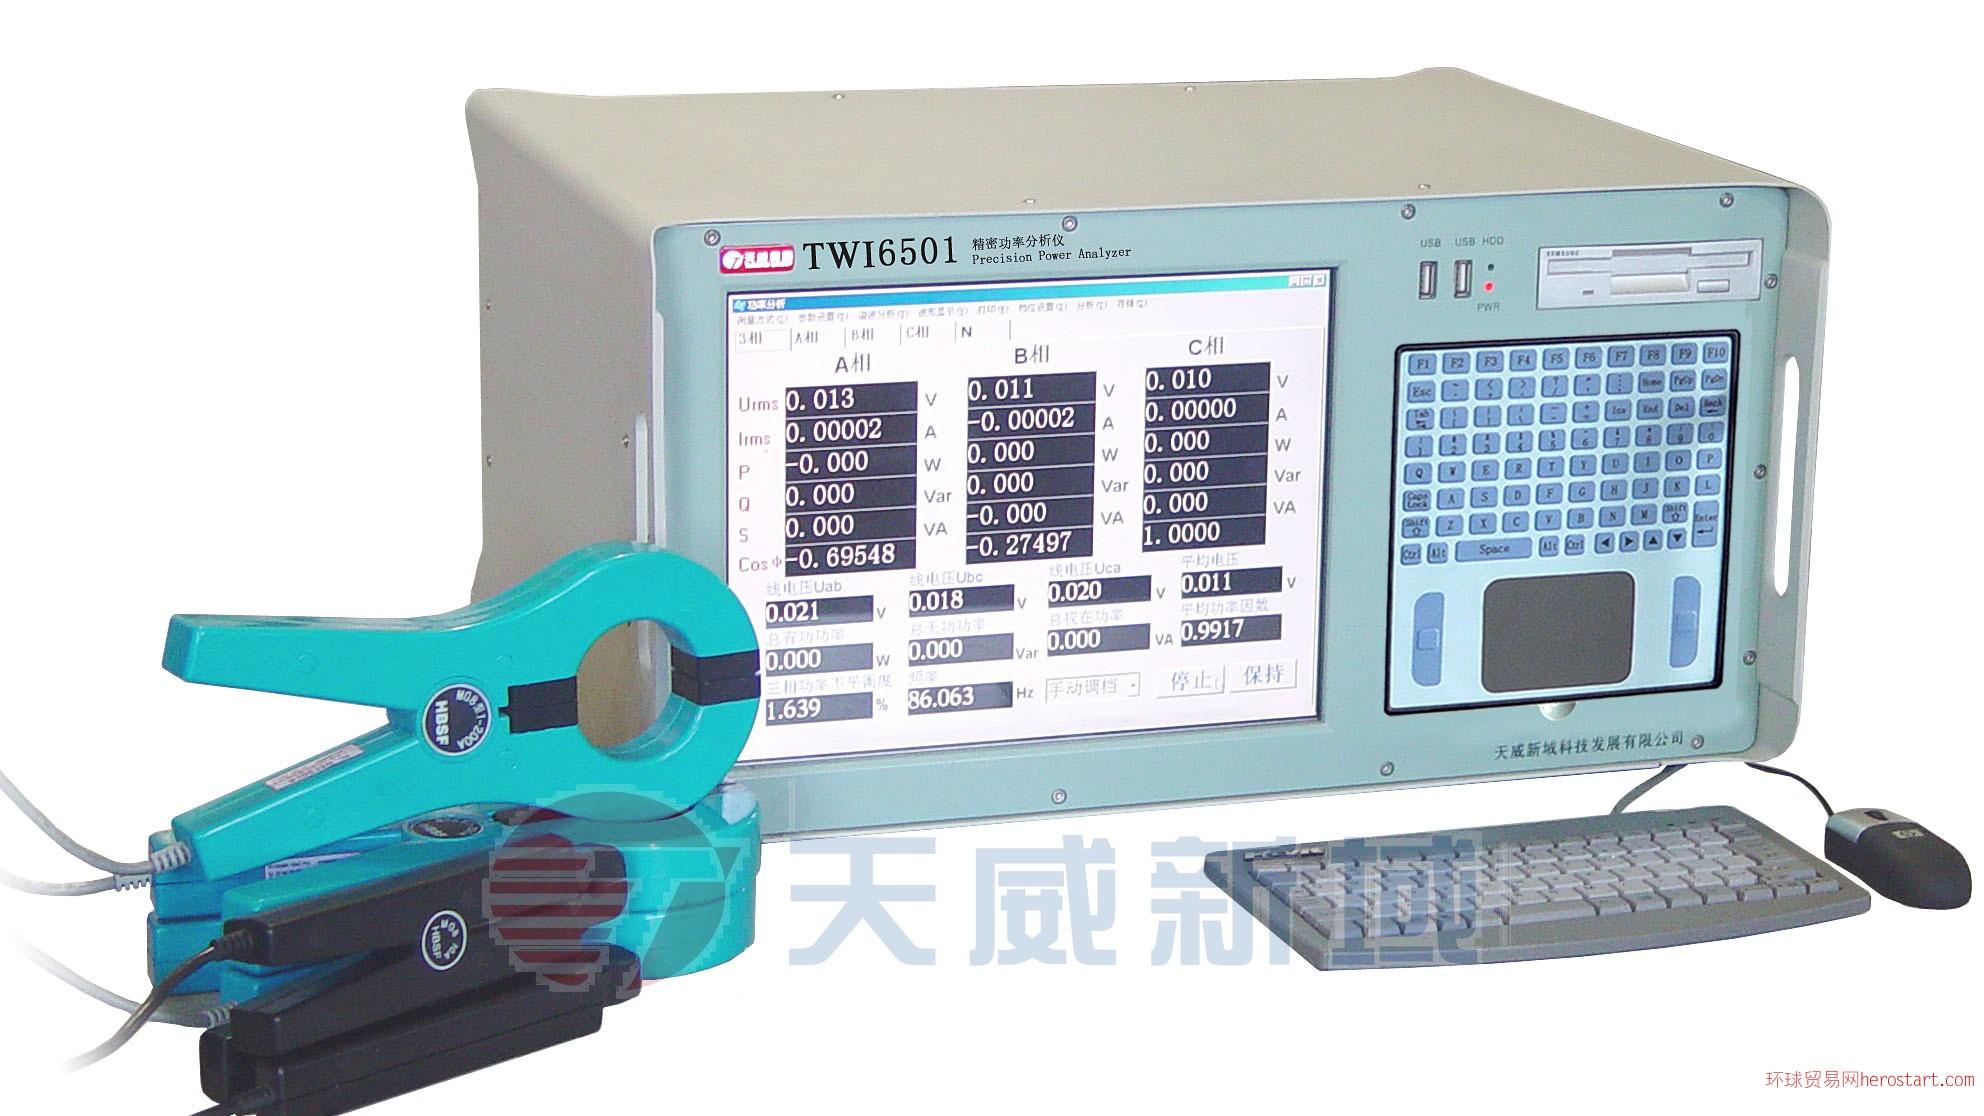 TWI6501精密功率分析仪